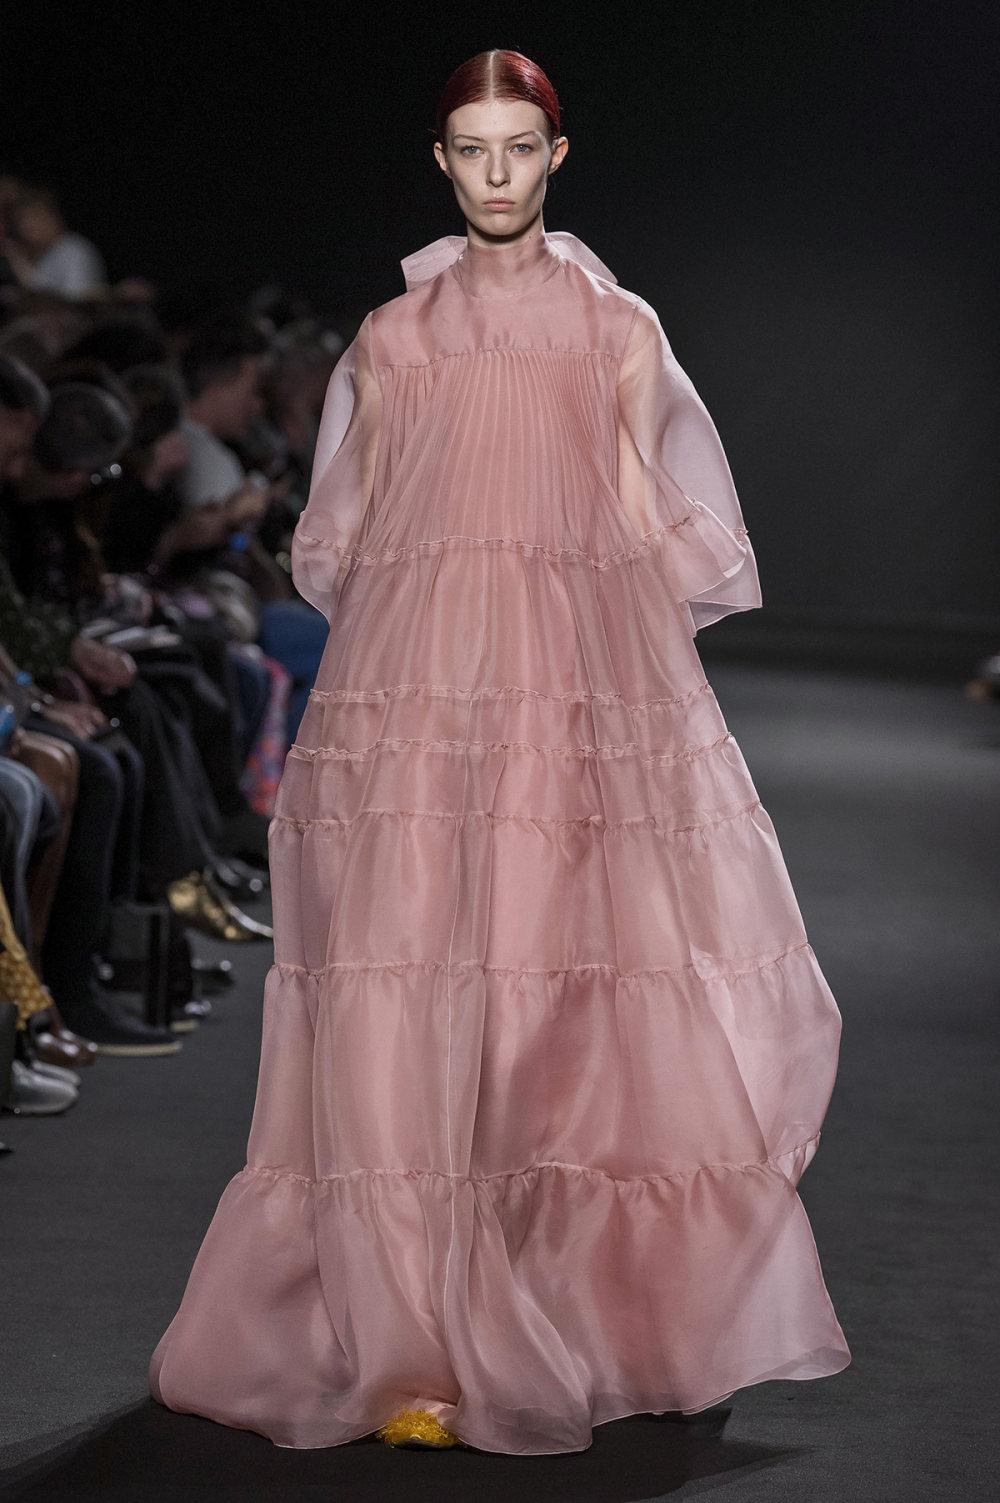 Rochas时装系列黑色无领斜纹软呢褶皱的黑色裙身饰有超细短袖衬衫-36.jpg